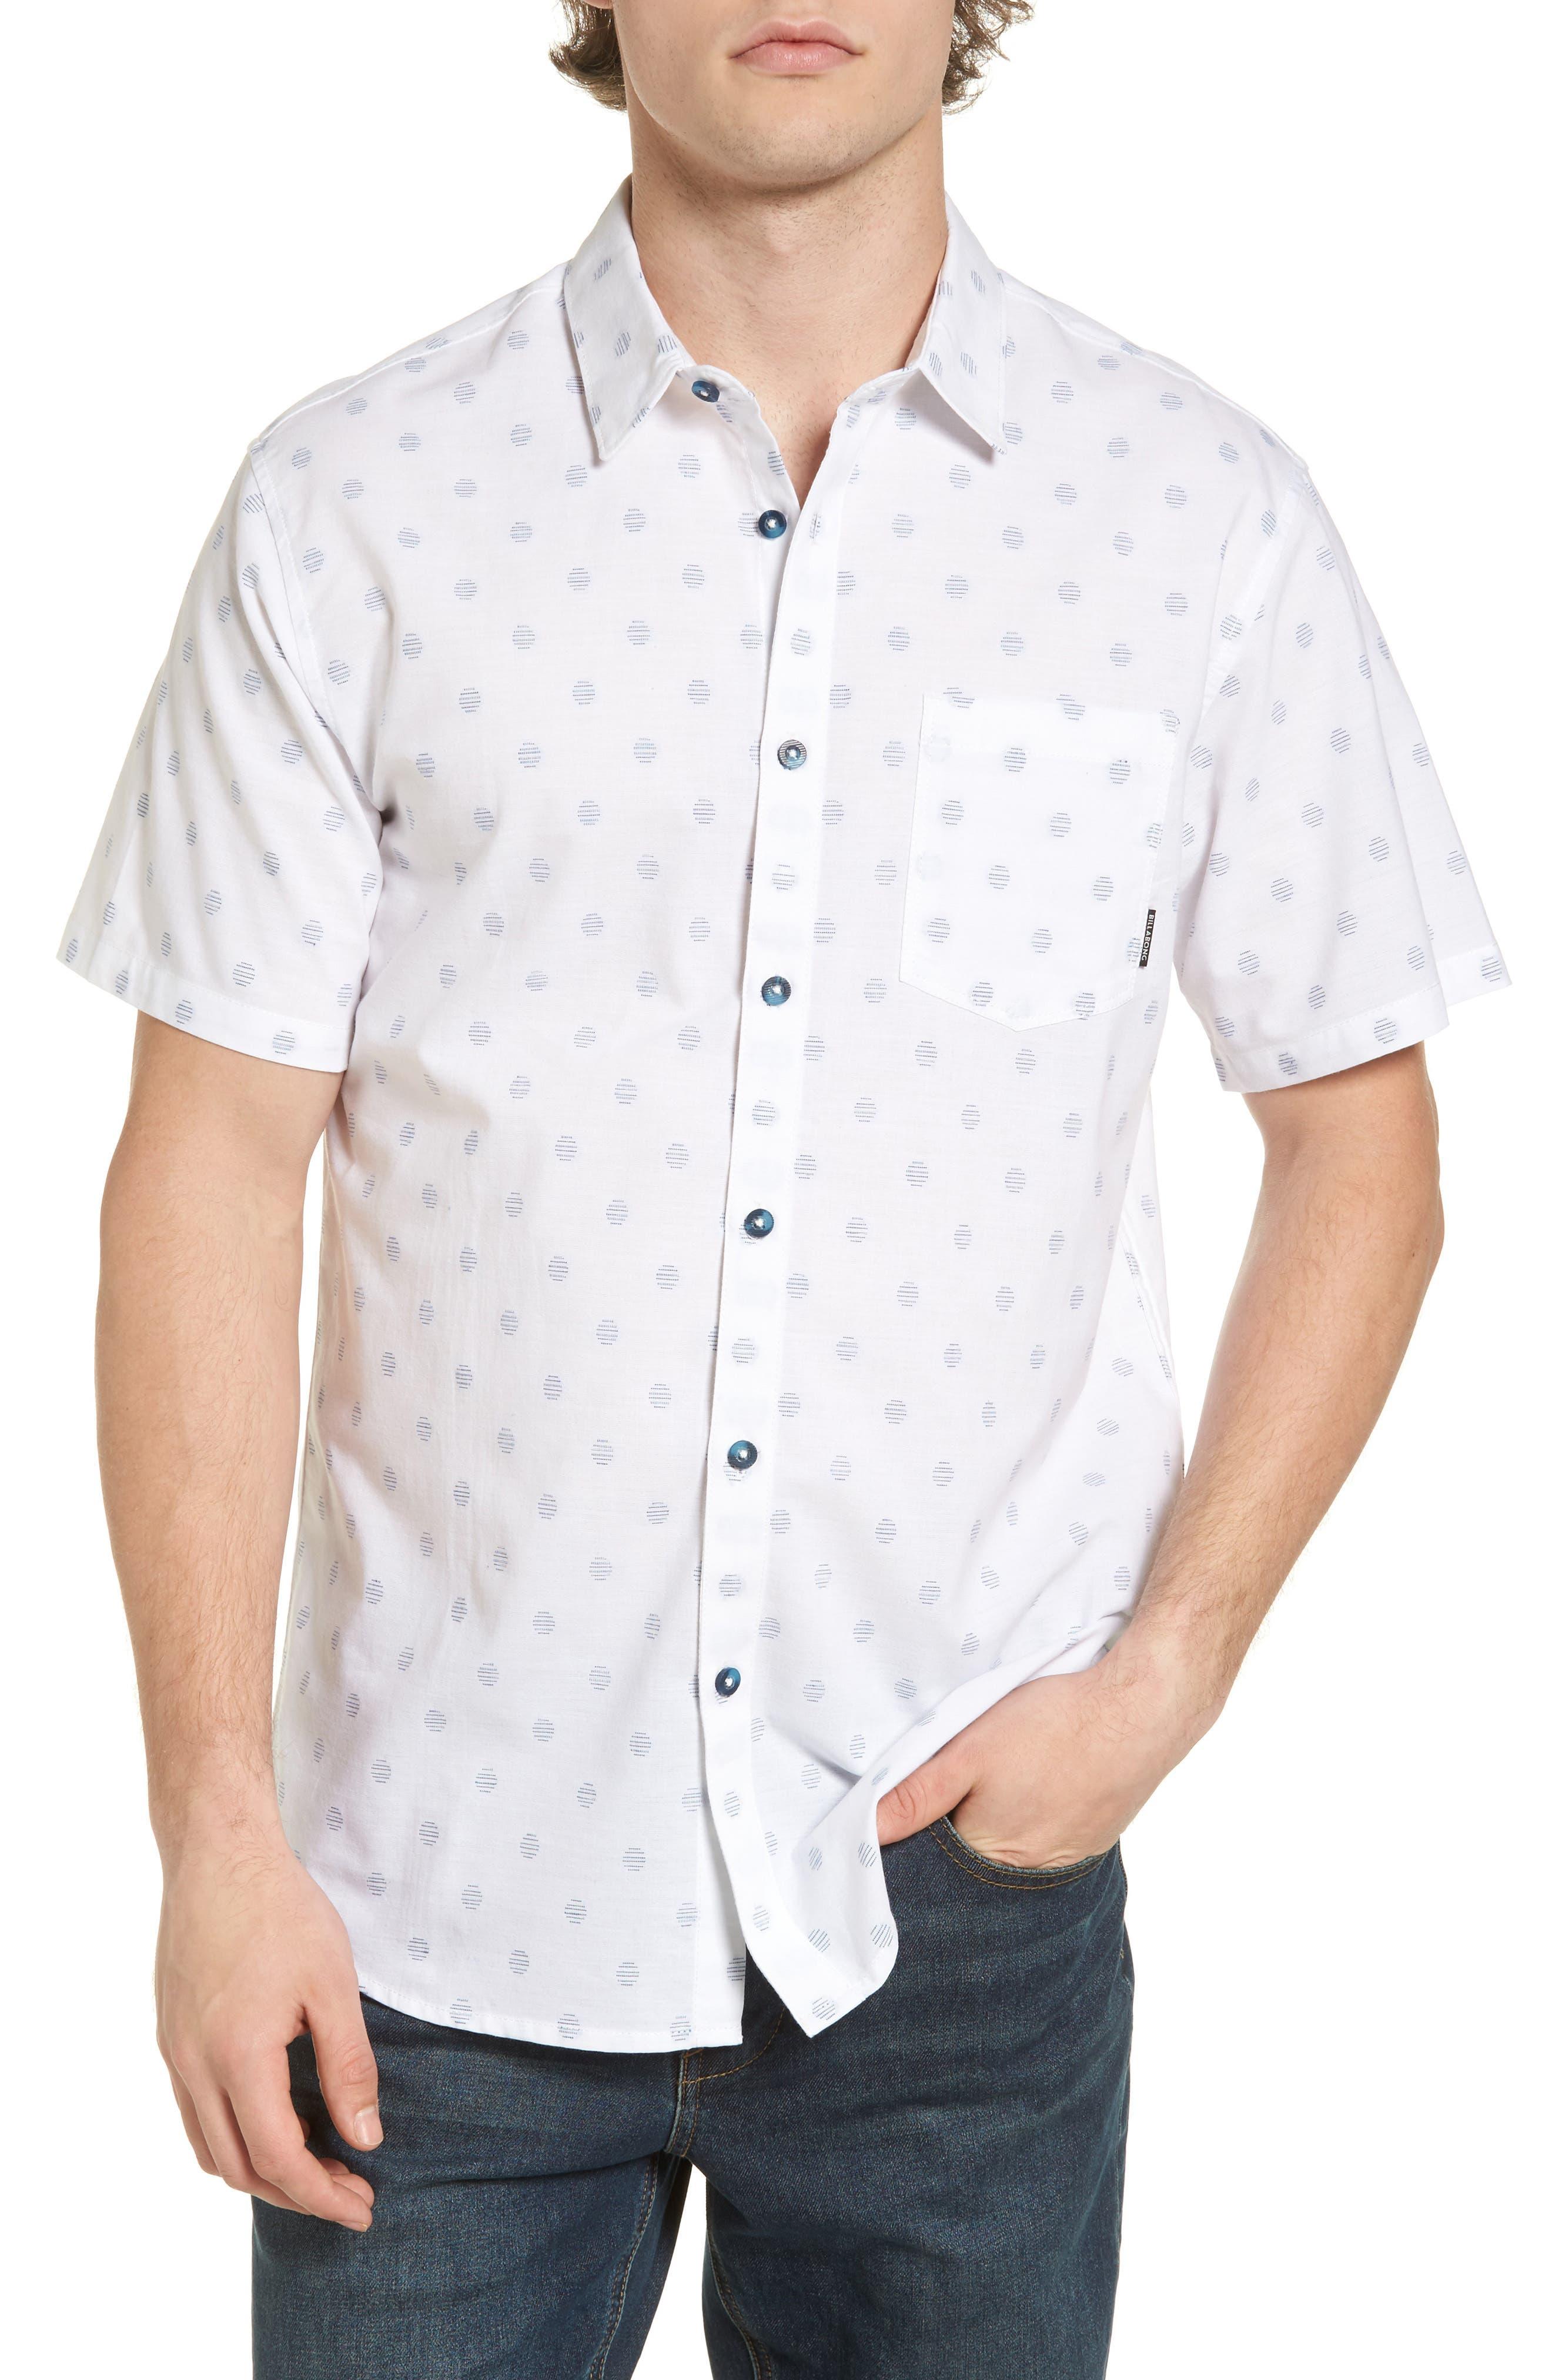 Billabong Cruisin Dobby Woven Shirt